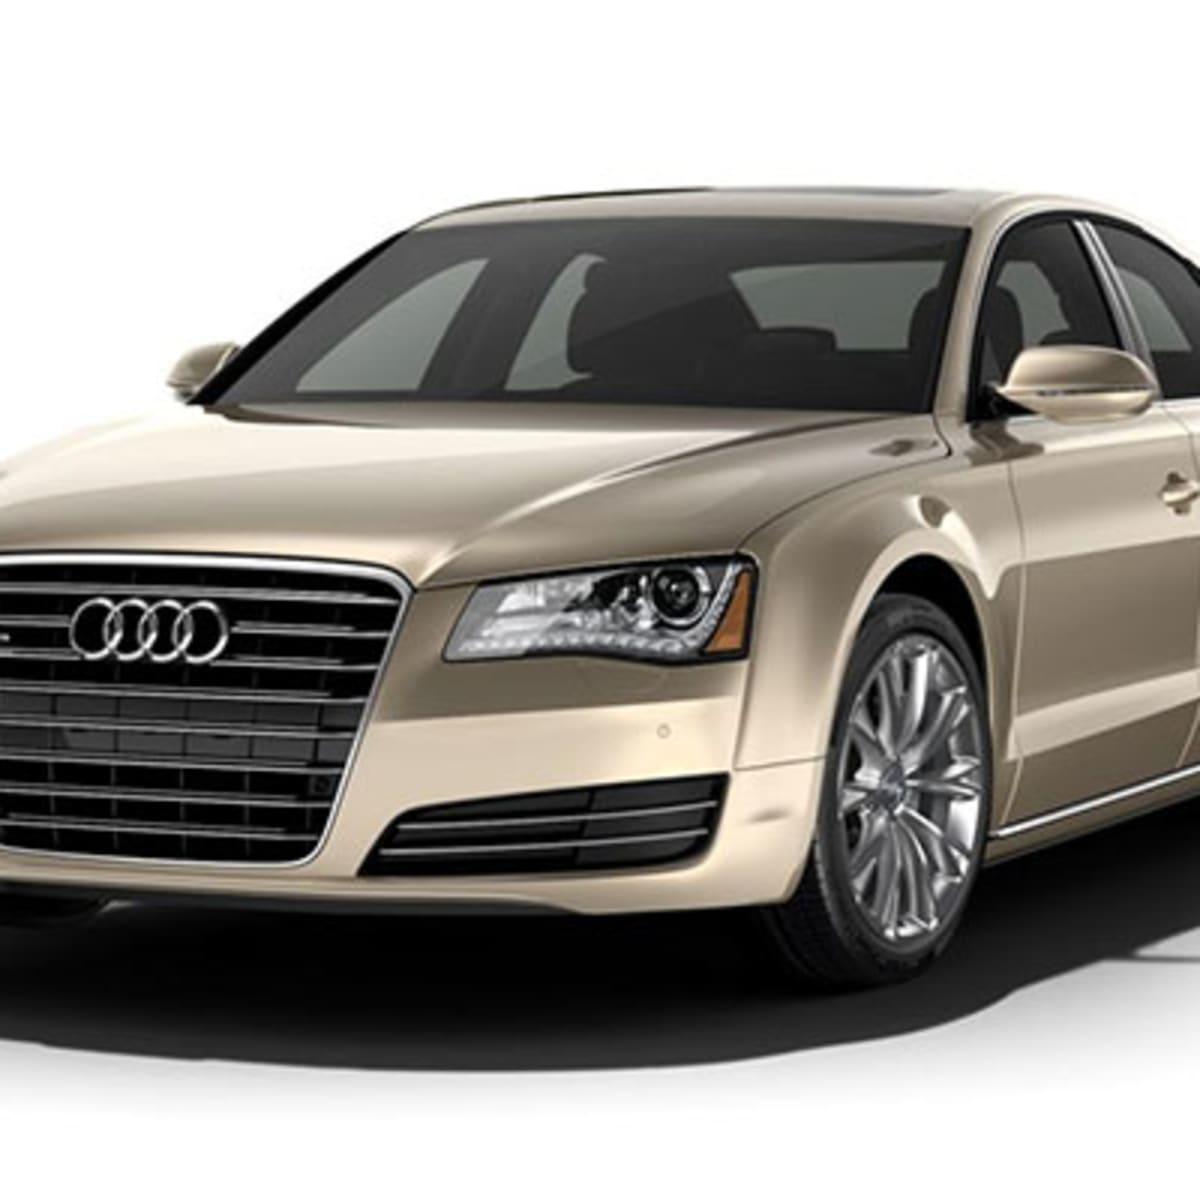 Kelebihan Kekurangan Audi A3 Diesel Tangguh